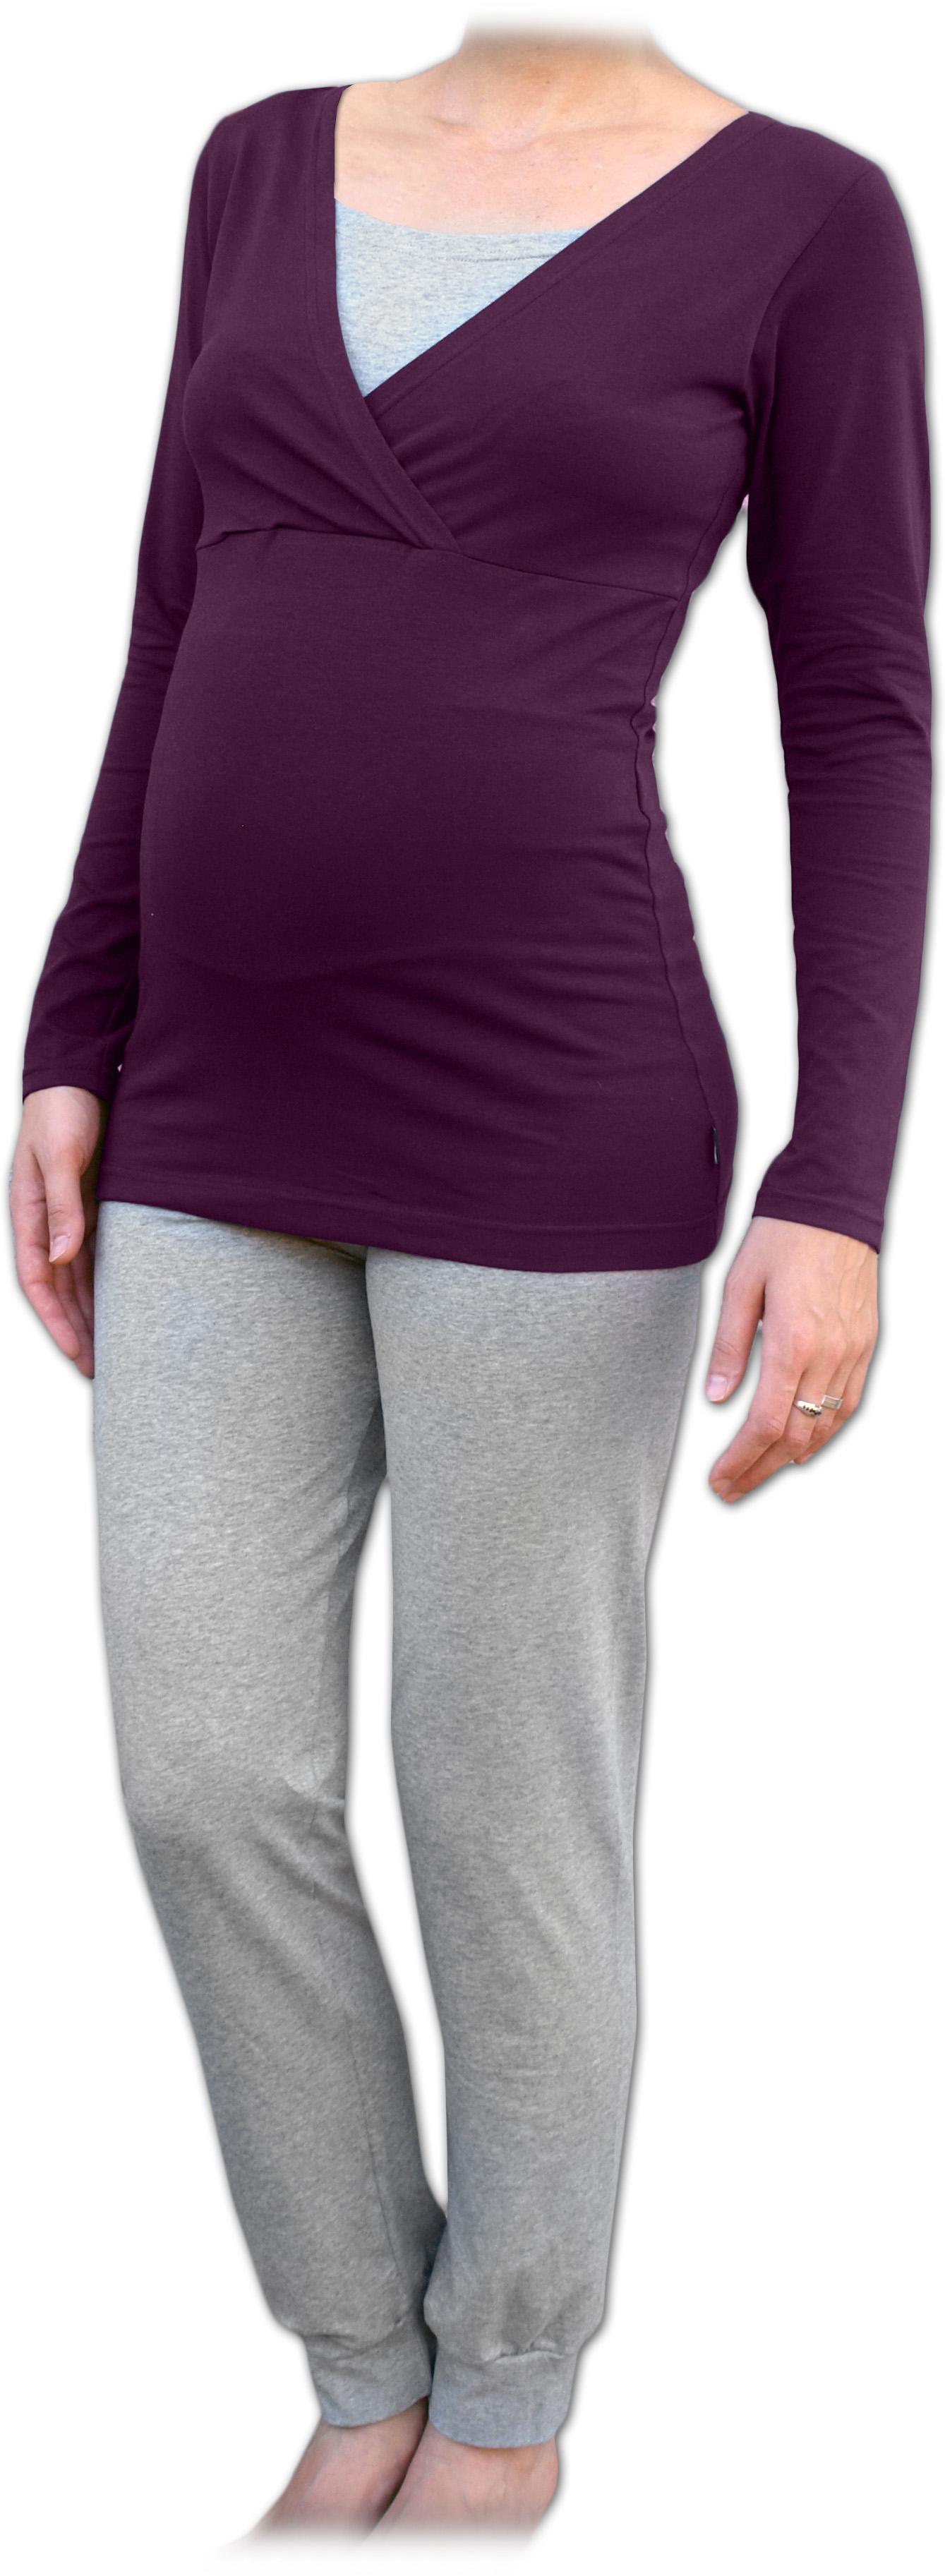 Těhotenské a kojicí pyžamo, dlouhé, švestkově fialové+šedý melír